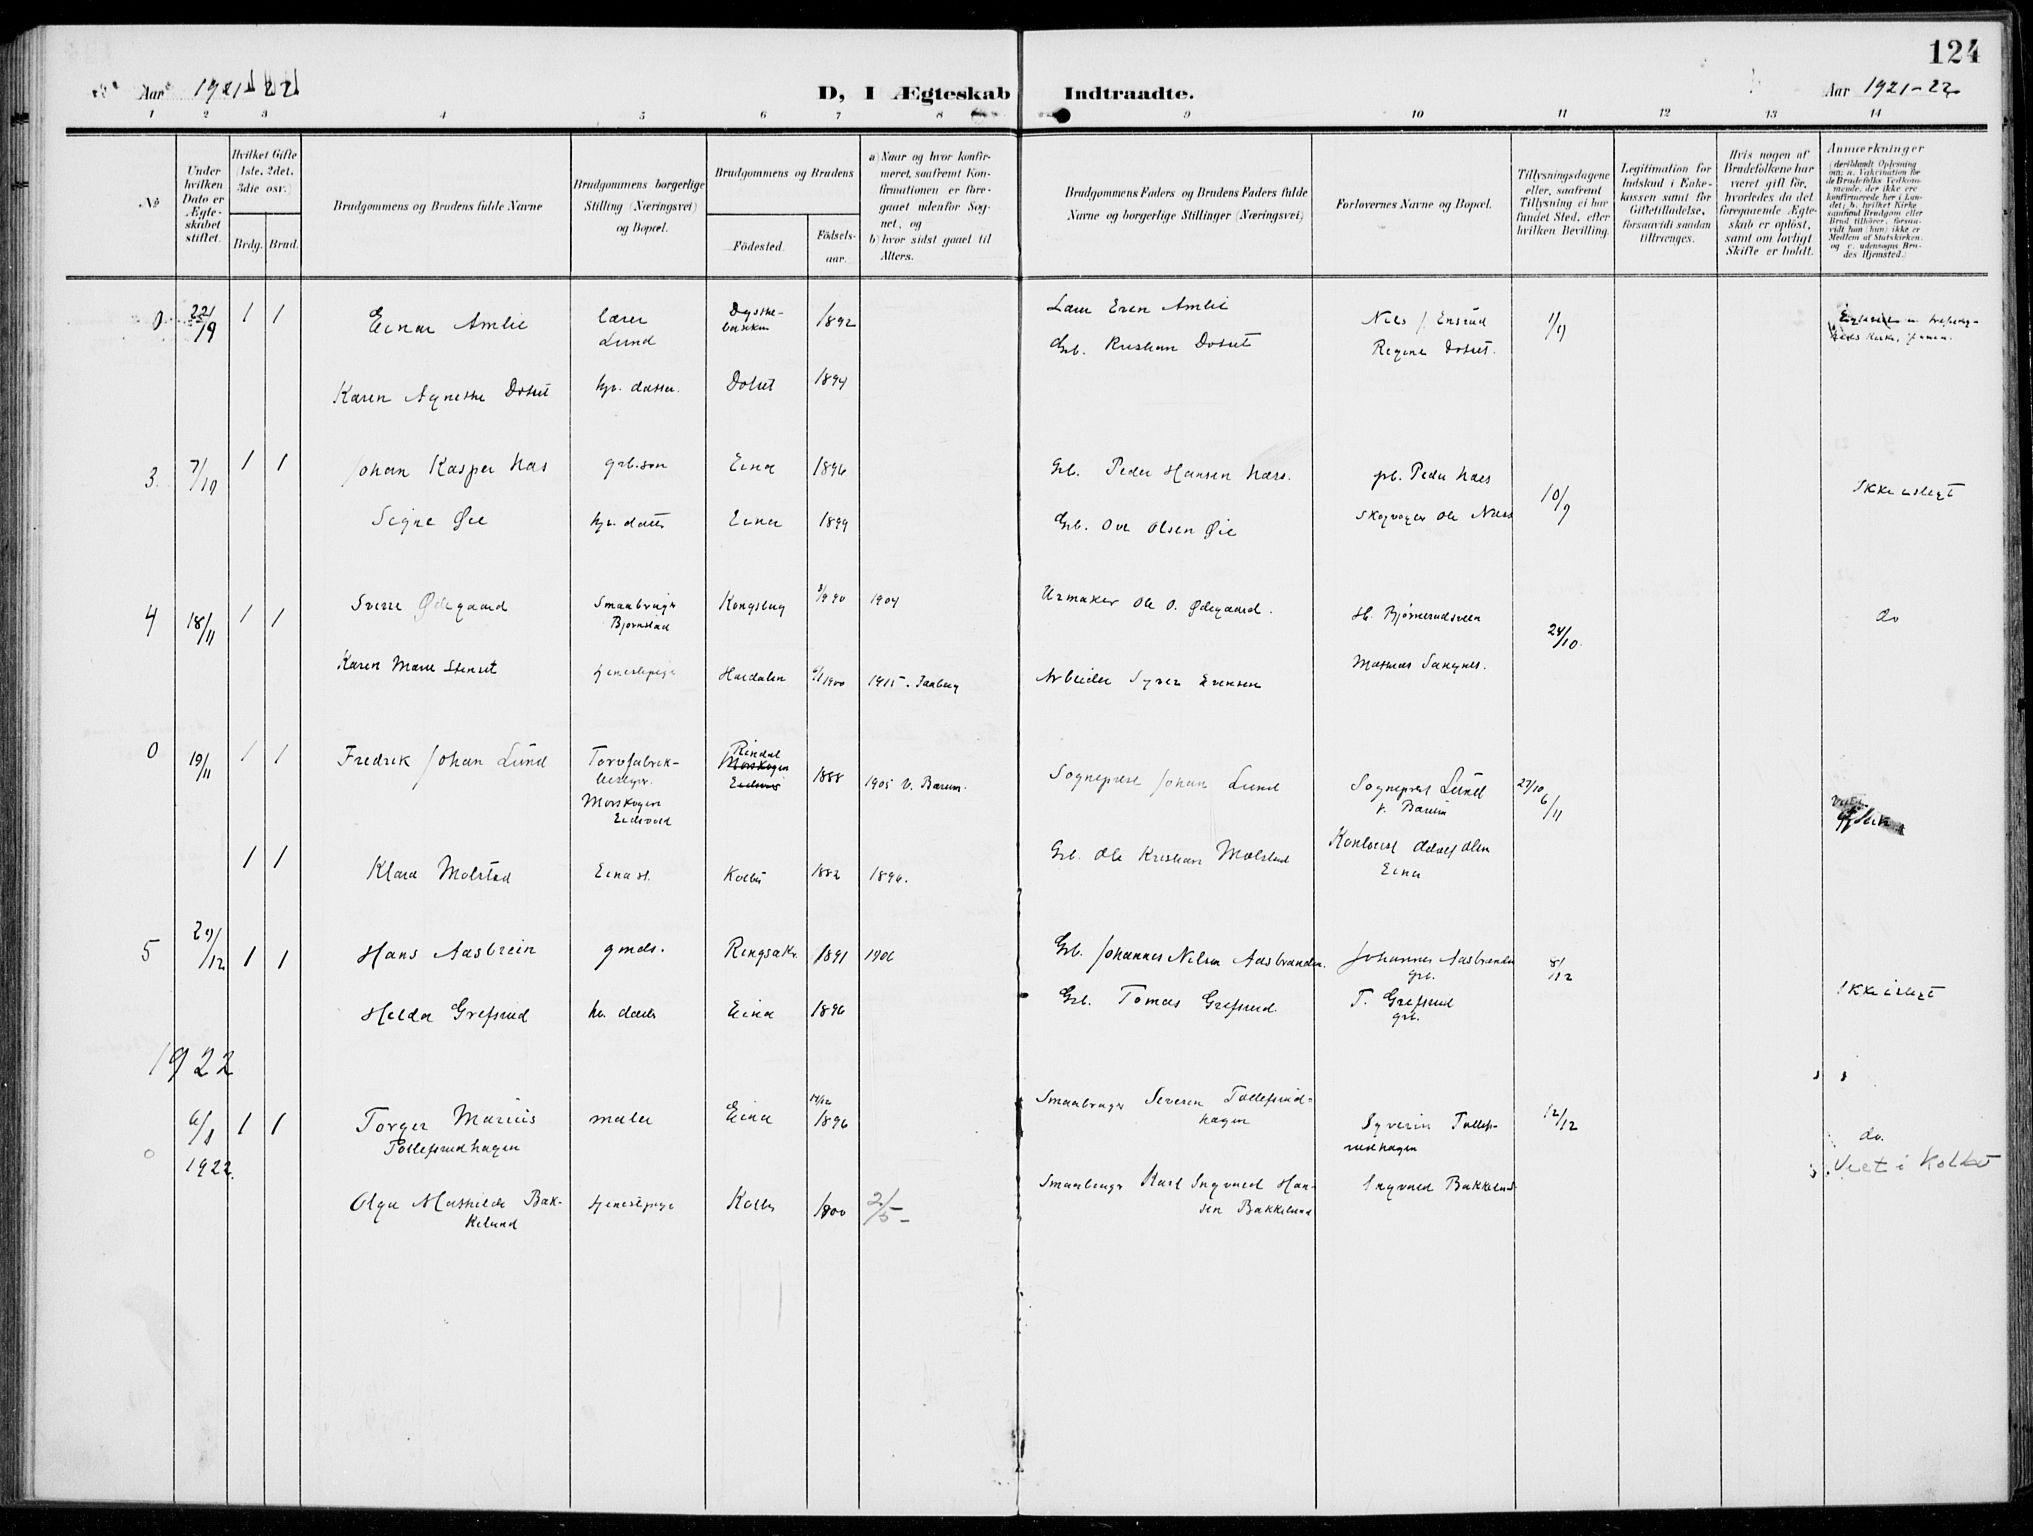 SAH, Kolbu prestekontor, Ministerialbok nr. 1, 1907-1923, s. 124